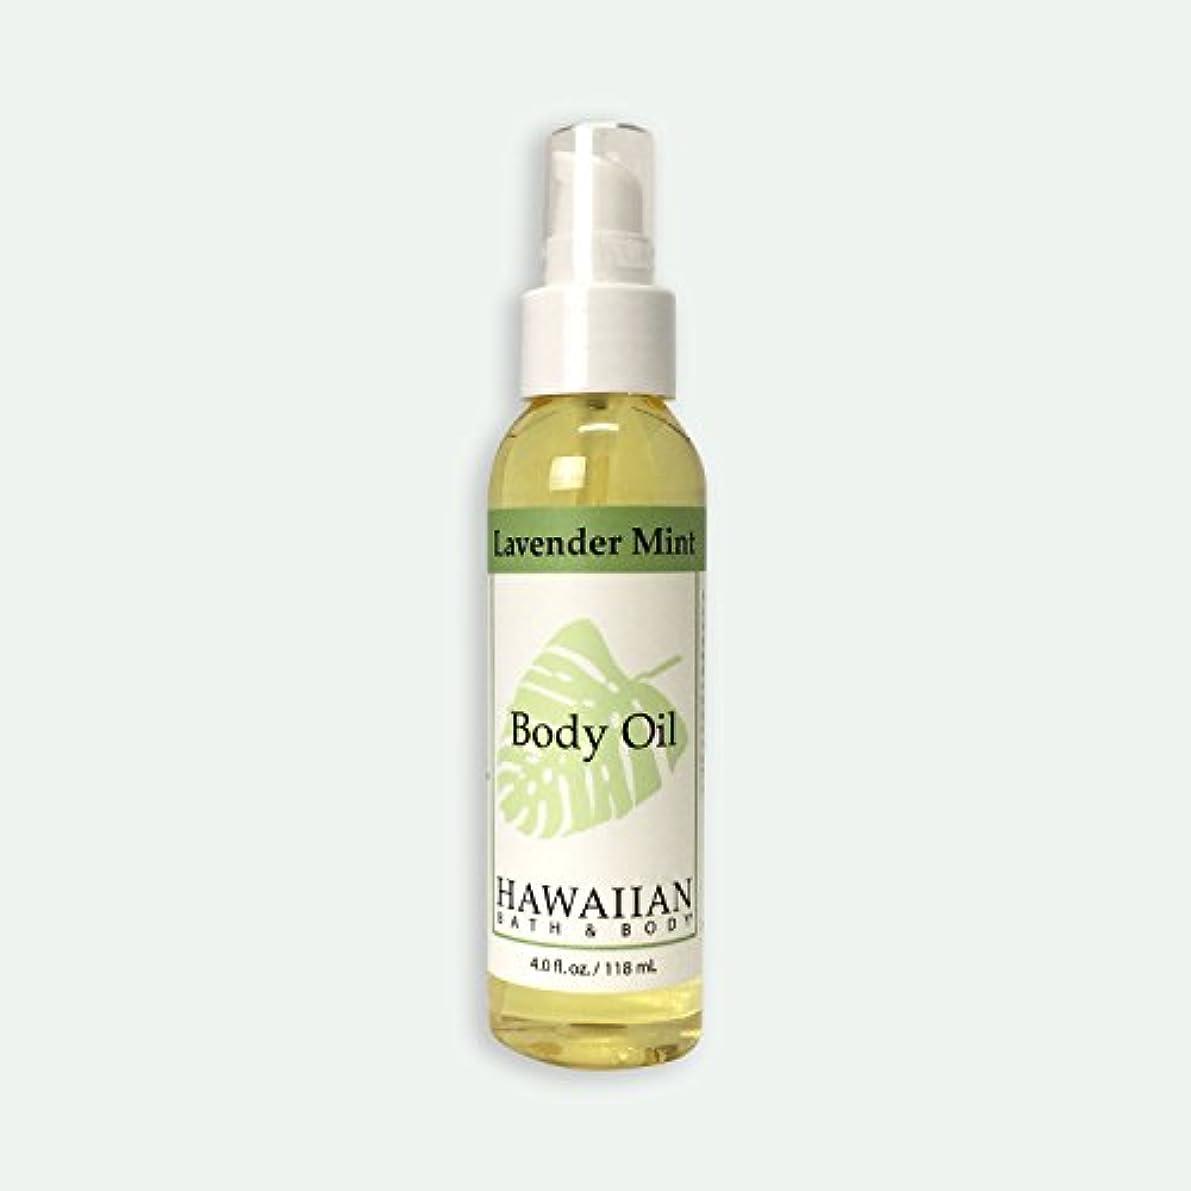 バブル四回効率的にハワイアンバス&ボディ ラベンダーミント?ボディオイル 118ml Lavender Mint Body Oil